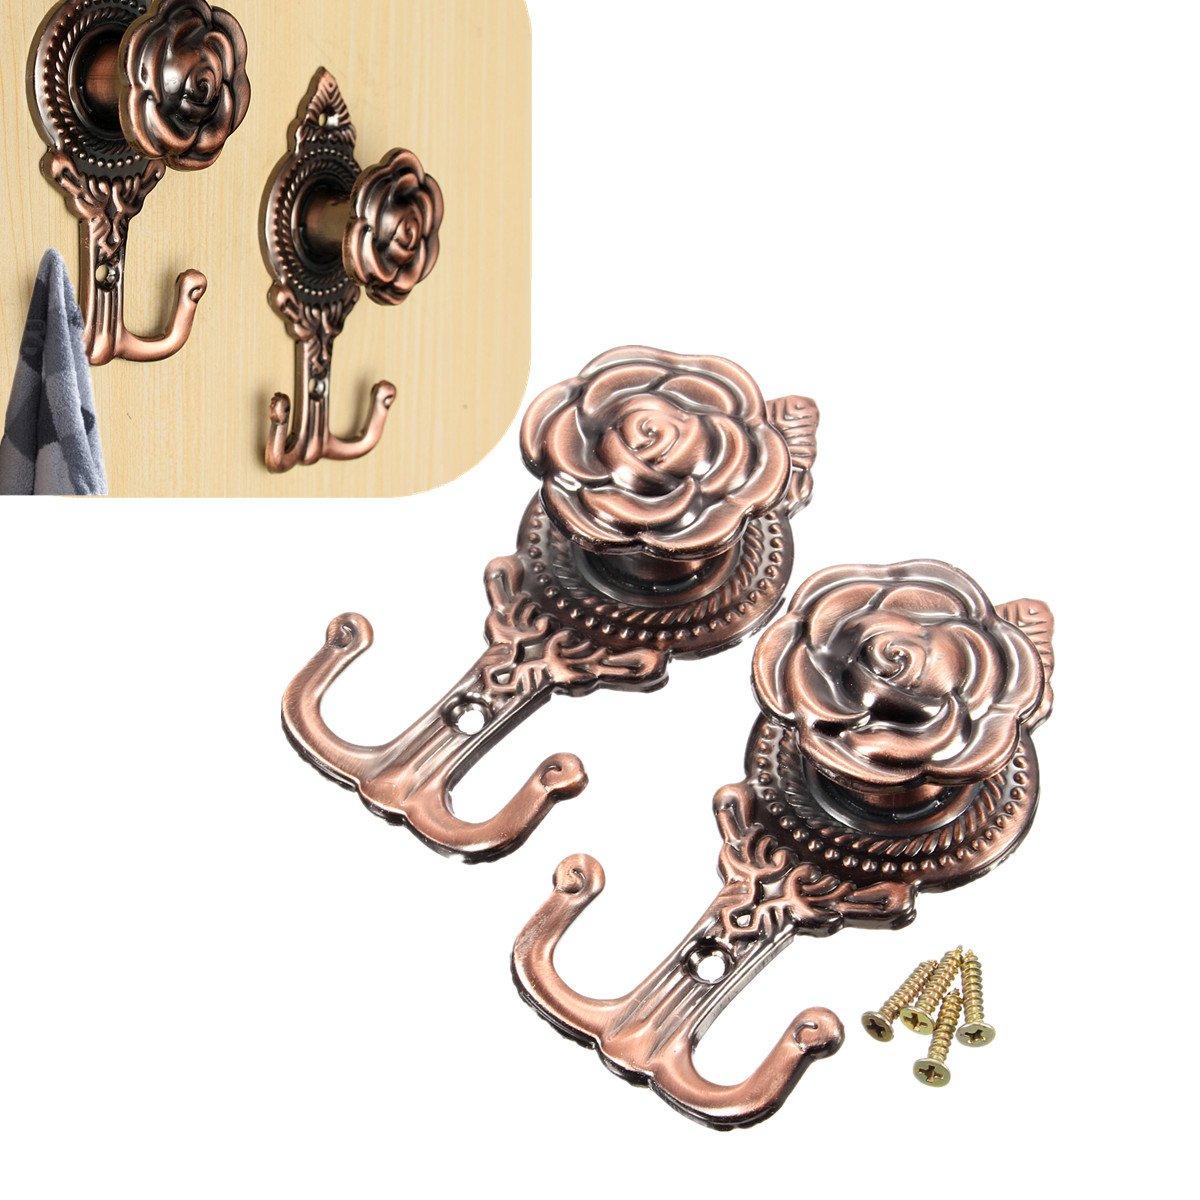 BoatShop 2pcs Zinc Alloy Peg Door Wall Bathroom Hanger Holder Hooks, Bronze